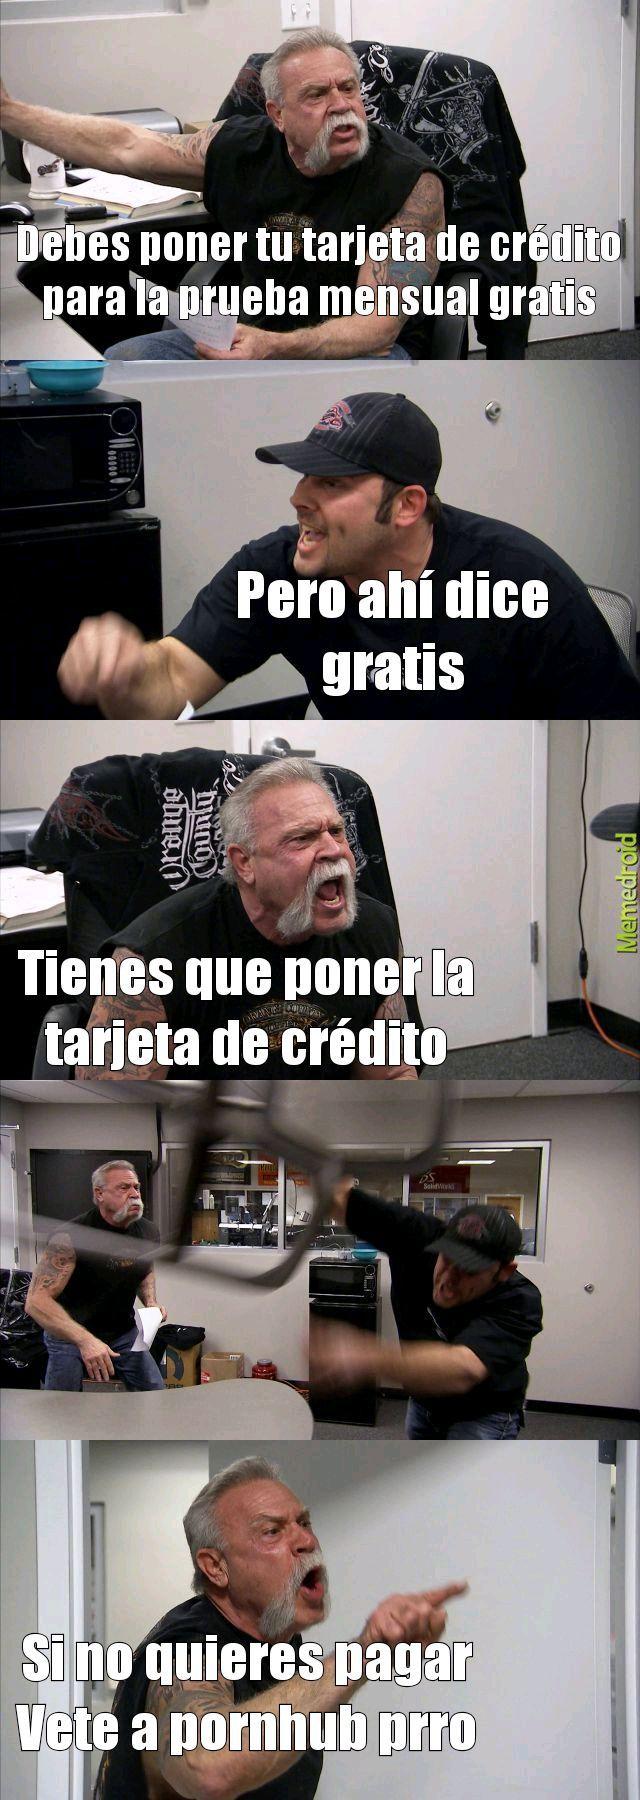 Todos cuando queremos una prueba gratis - meme